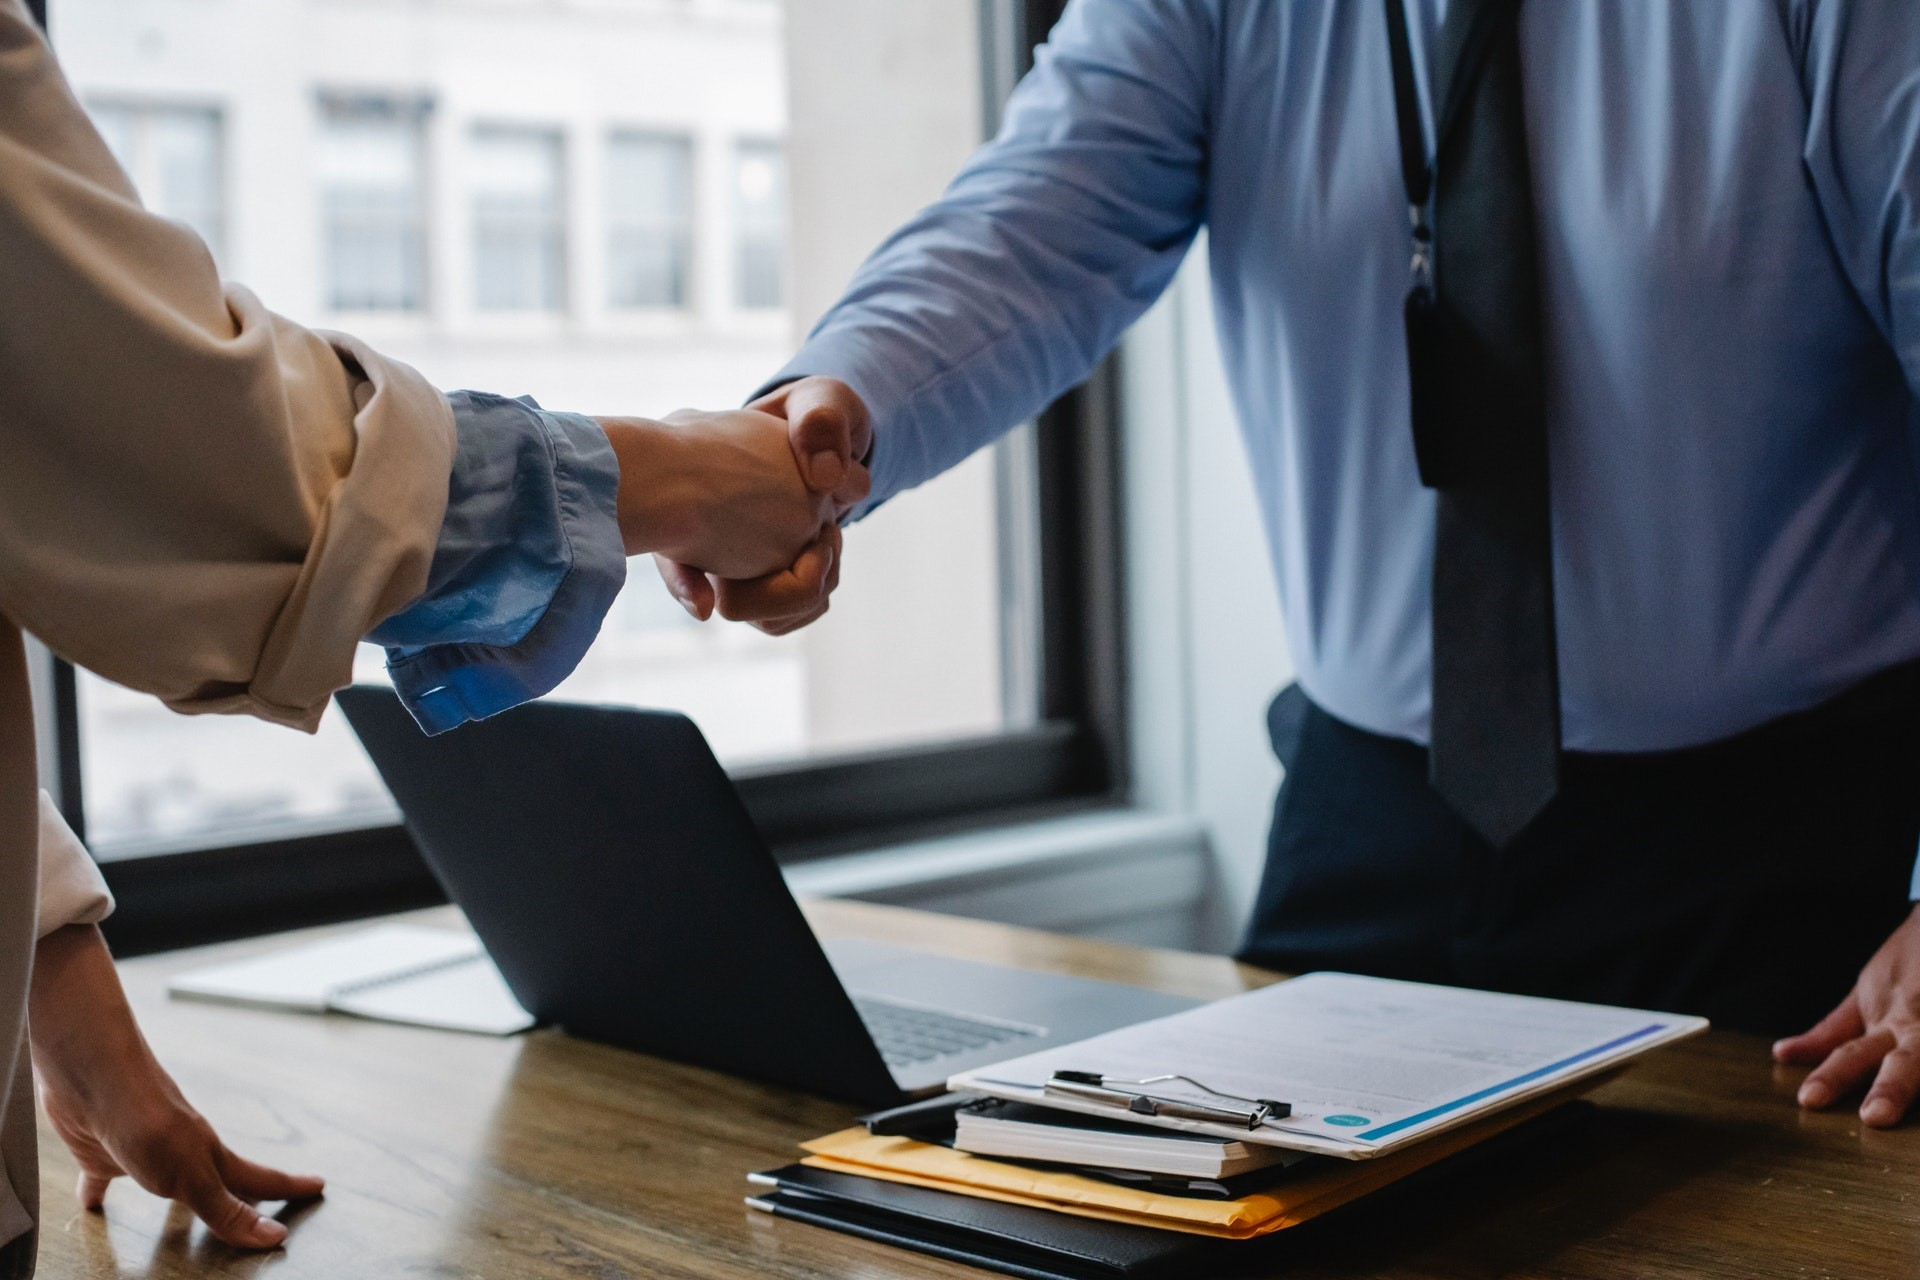 podanie ręki jako symbol zawarcia współpracy między stronami umowy